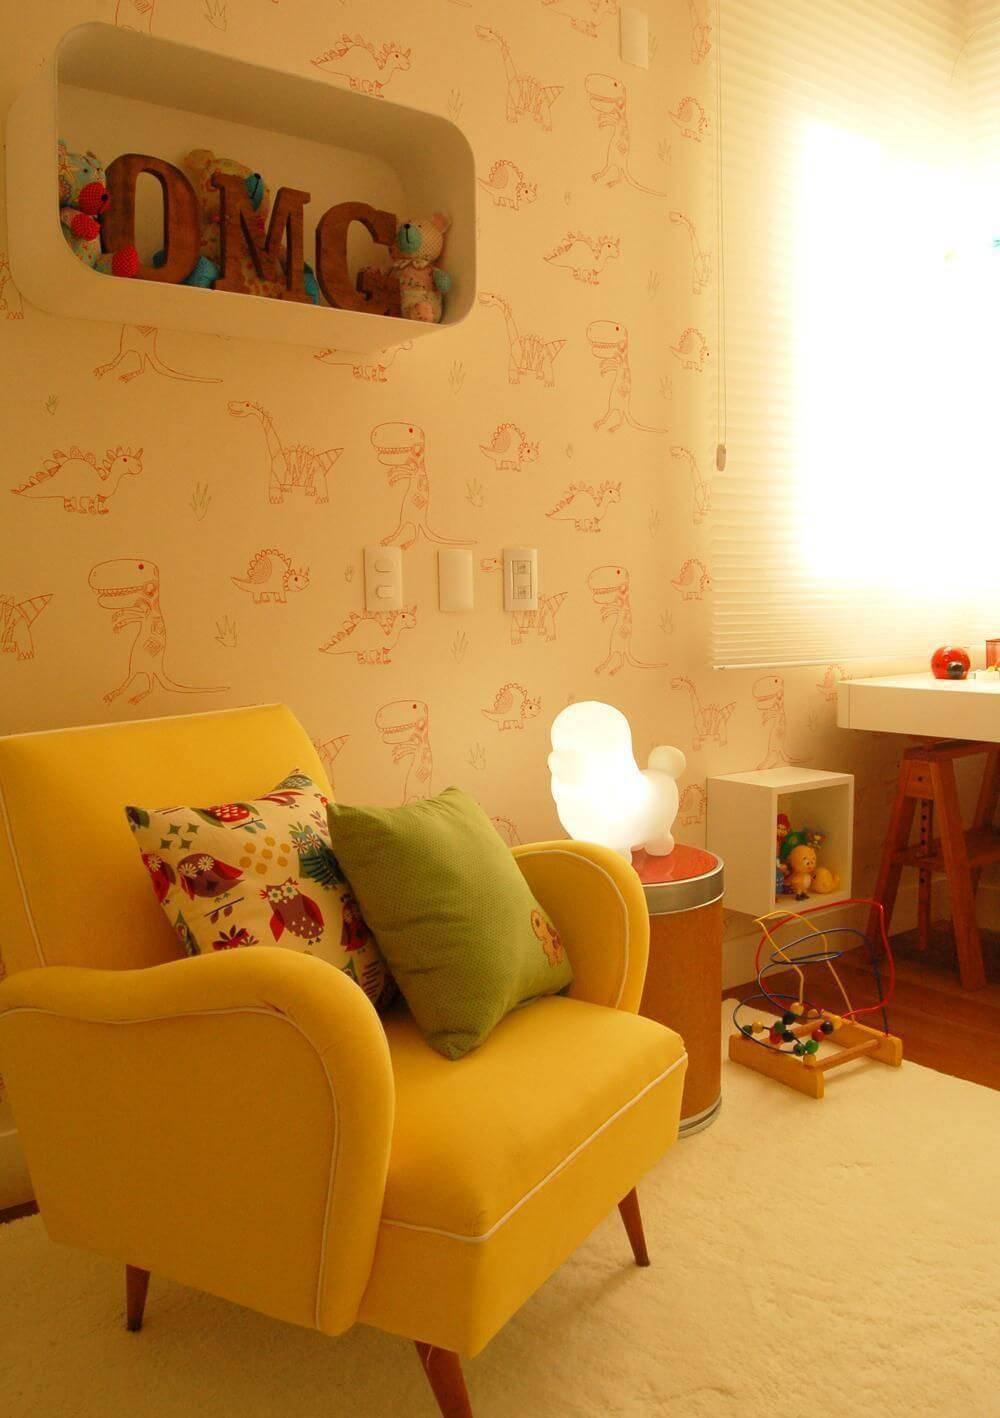 poltrona de amamentação quarto infantil amarela sandro clemes 7637